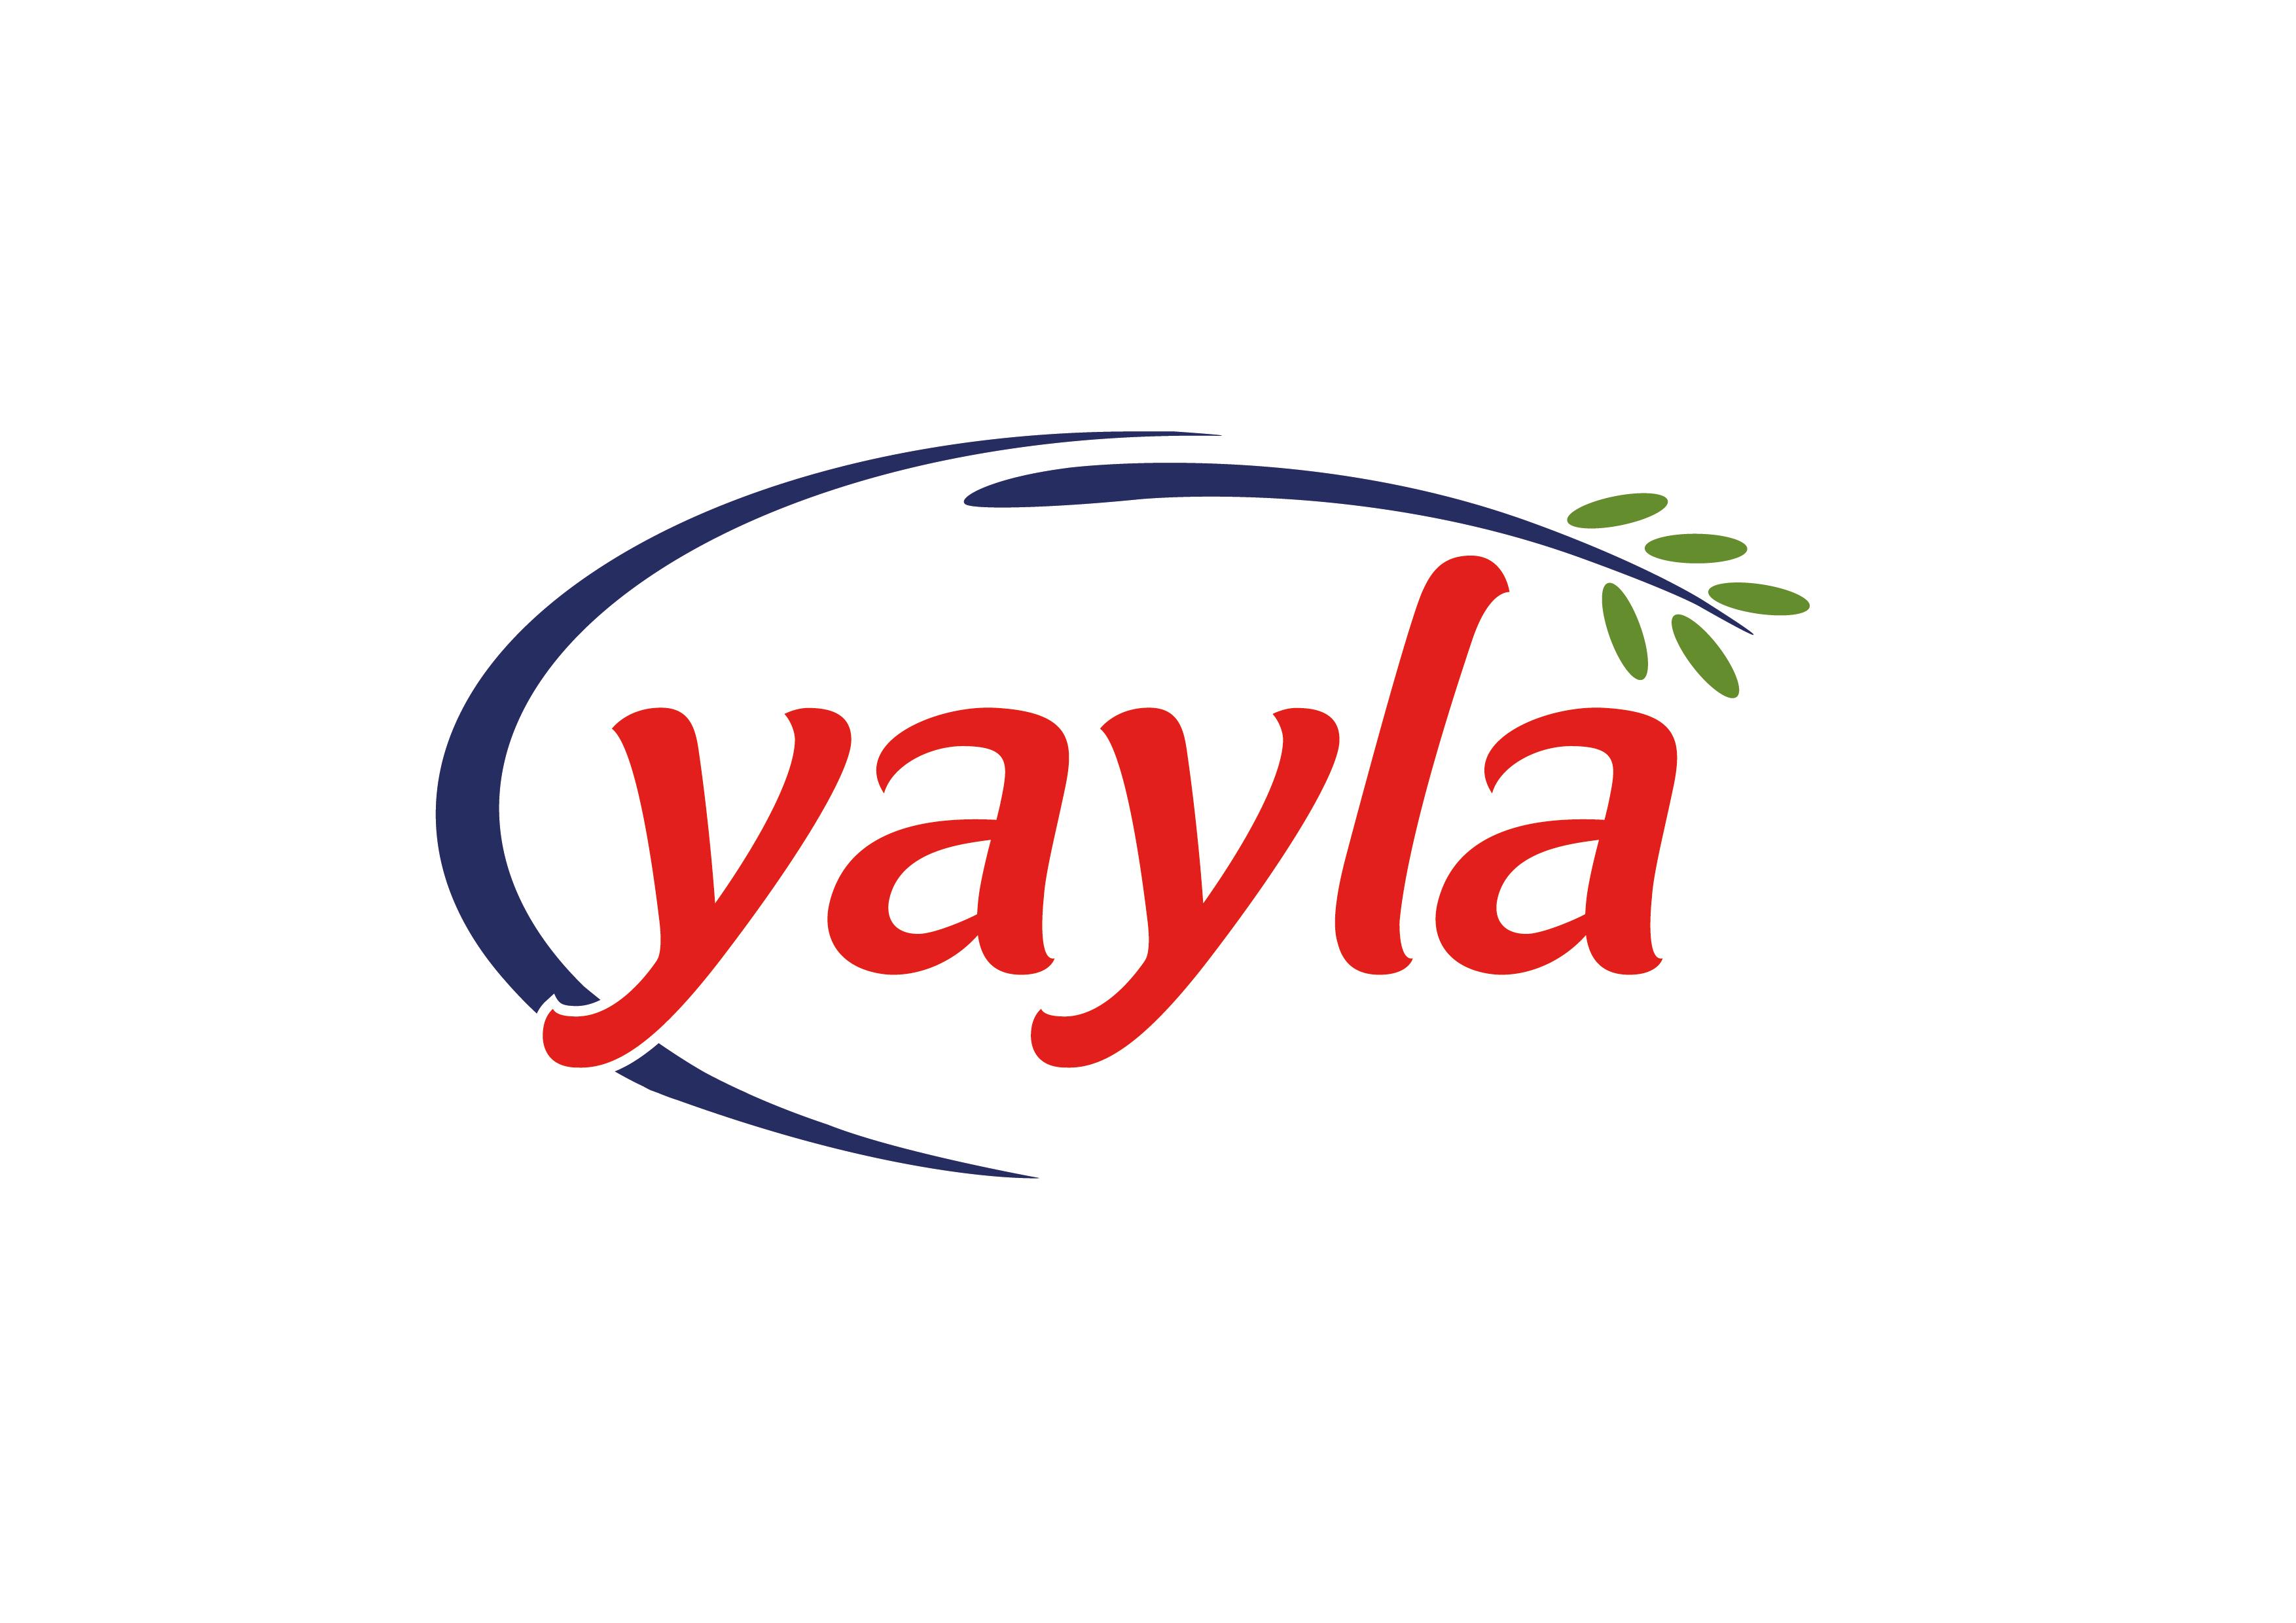 Yayla Bakliyat'tan 97 farklı ürünle enflasyonla mücadeleye tam destek!